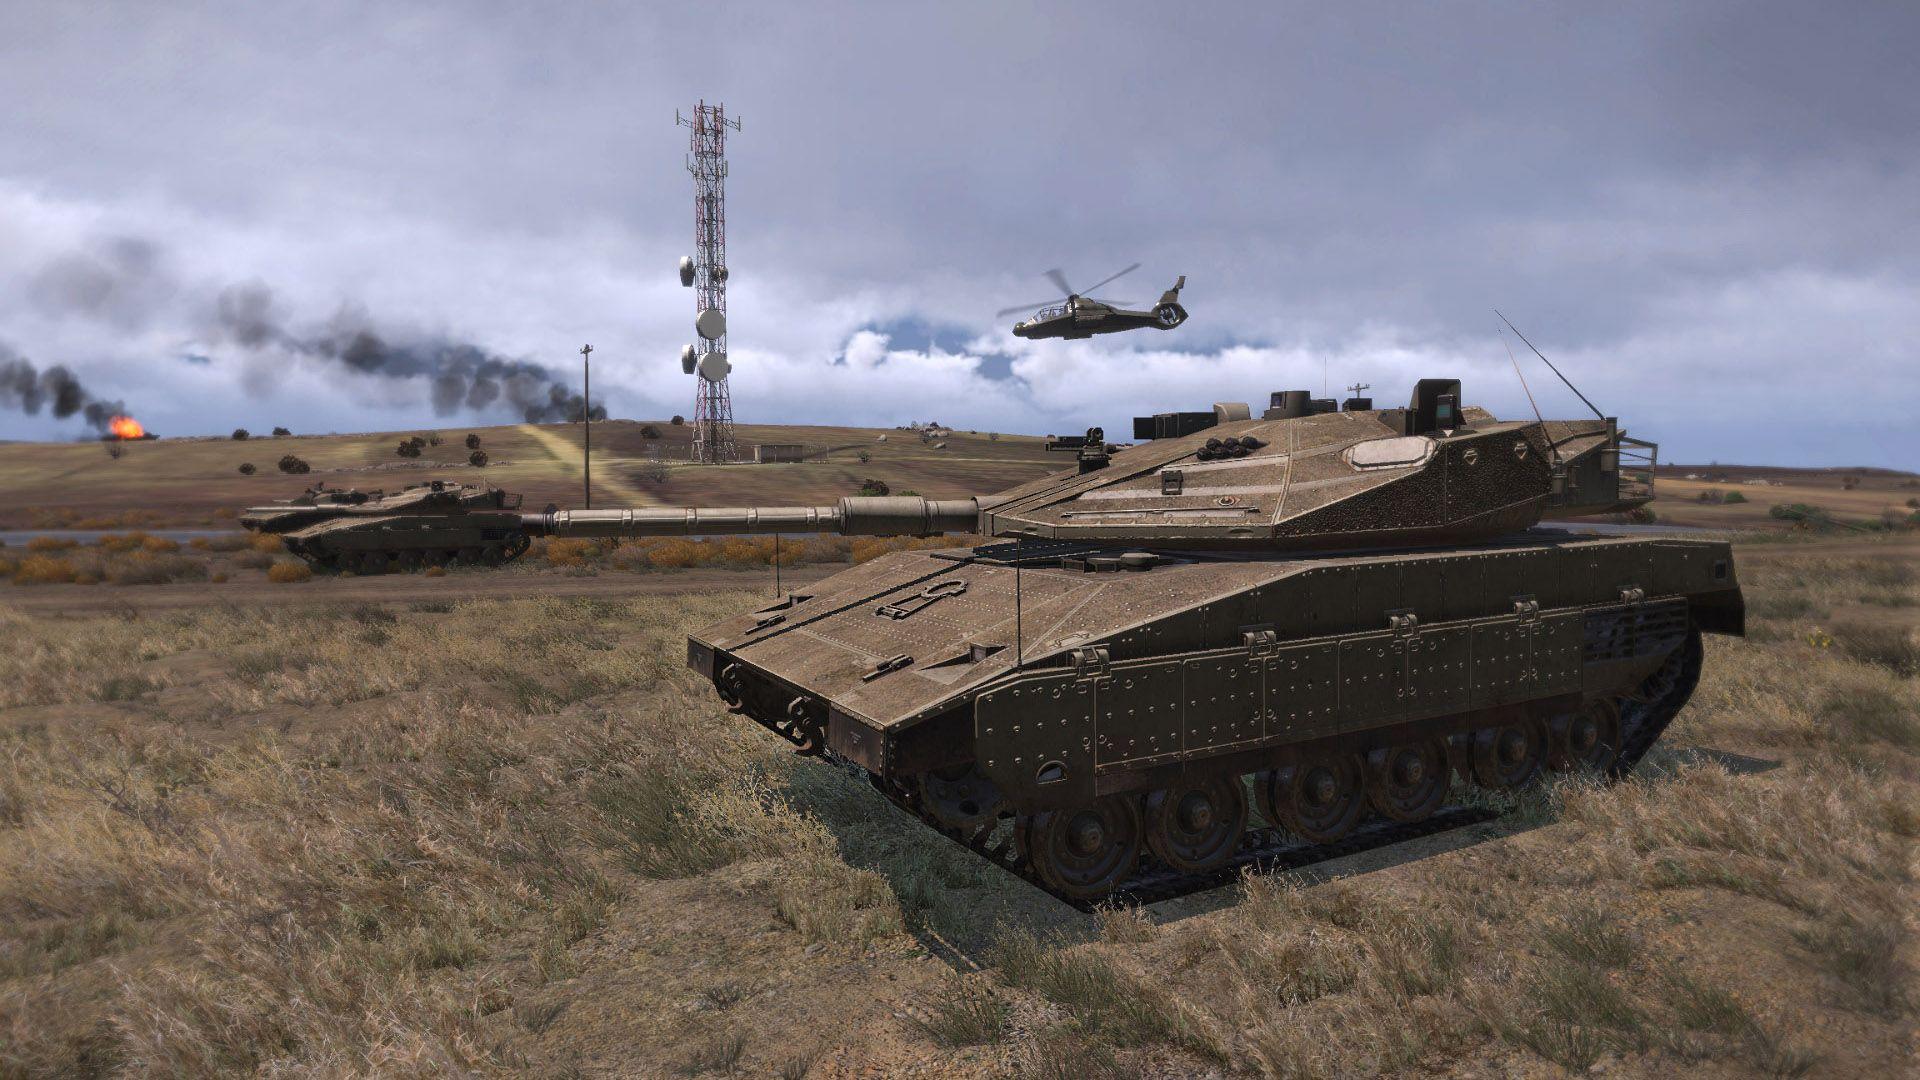 arma 3 tank